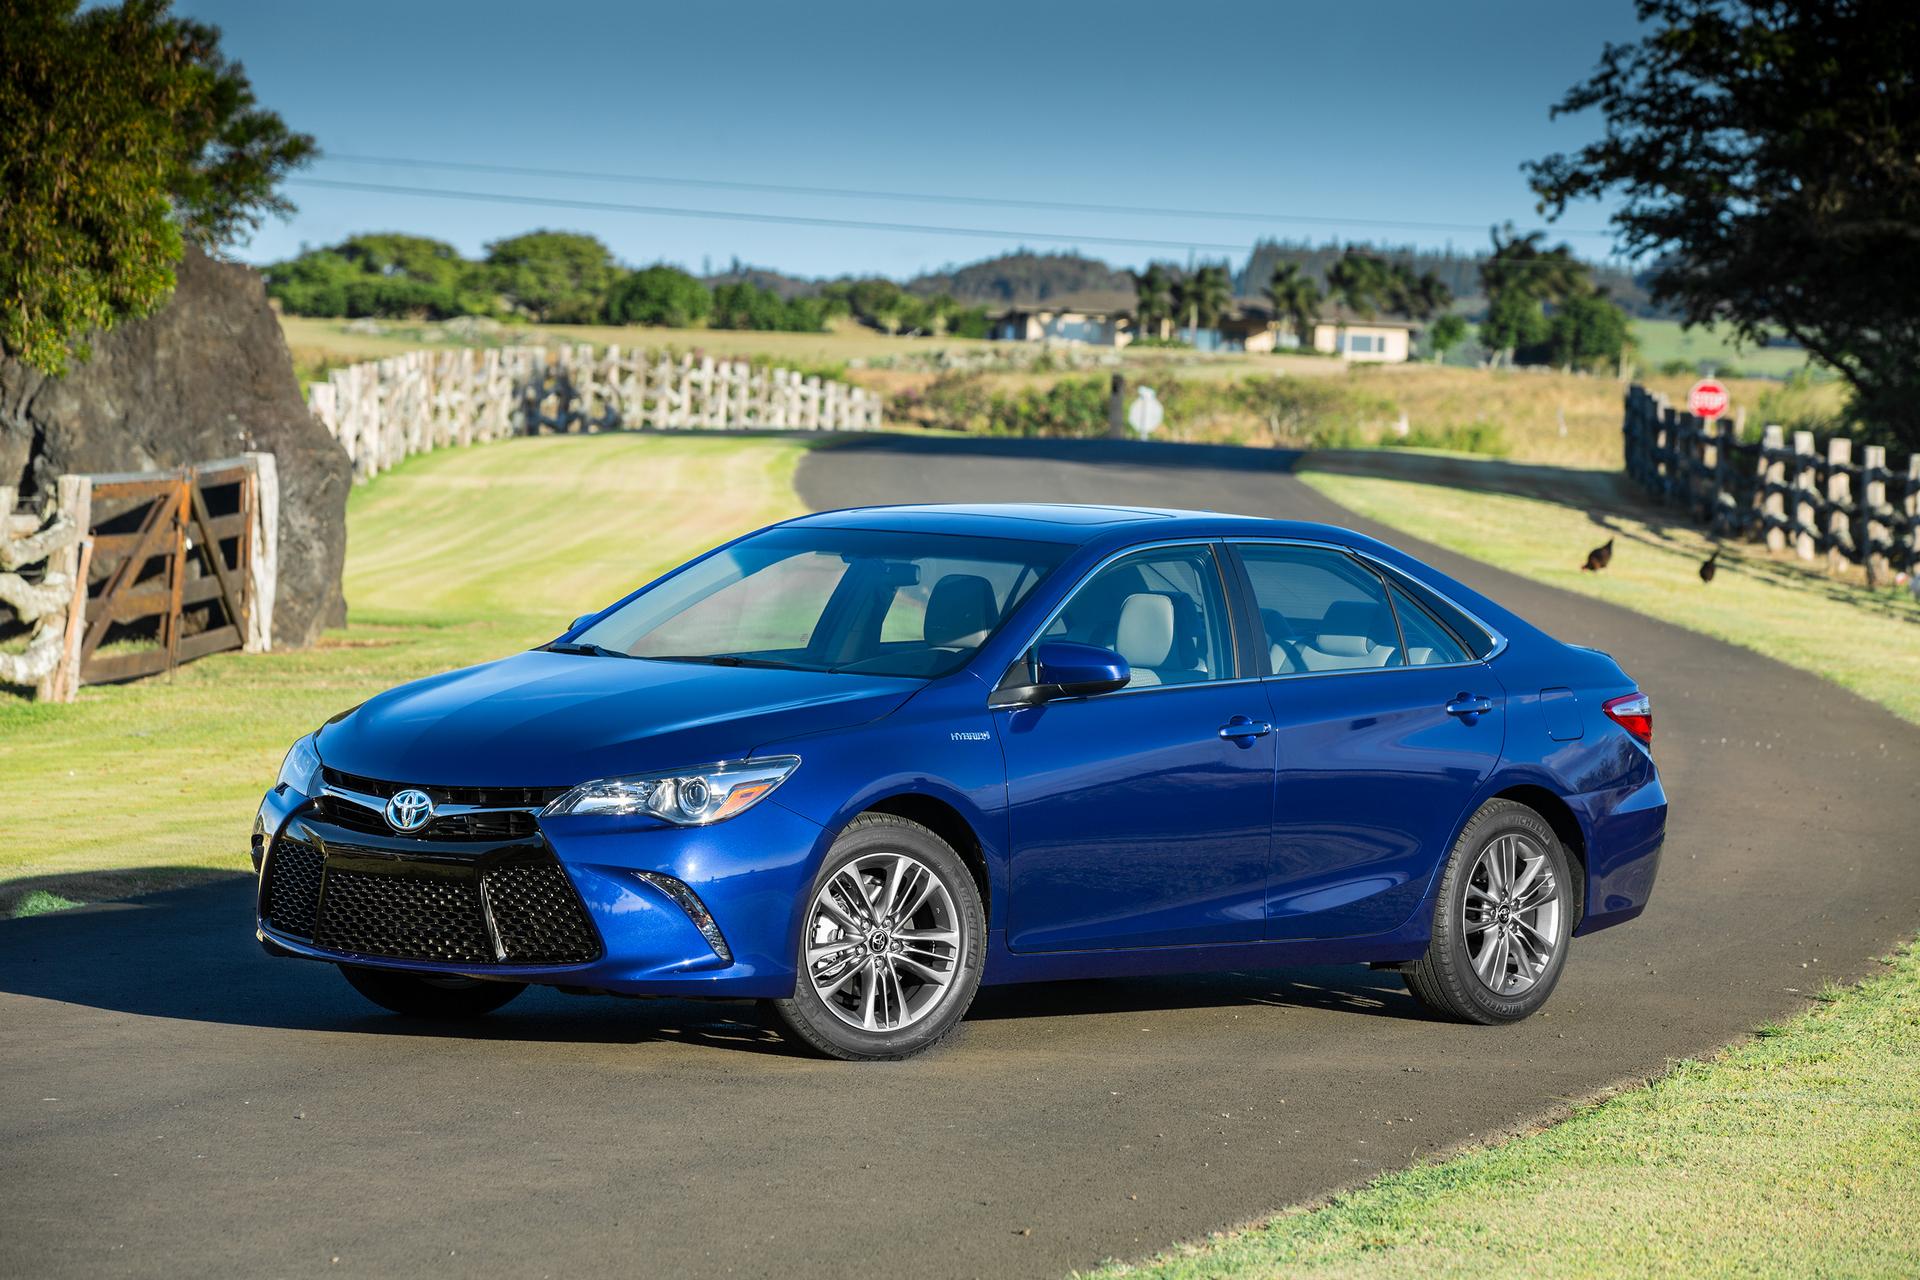 Where Are Toyota Camry Hybrids Made